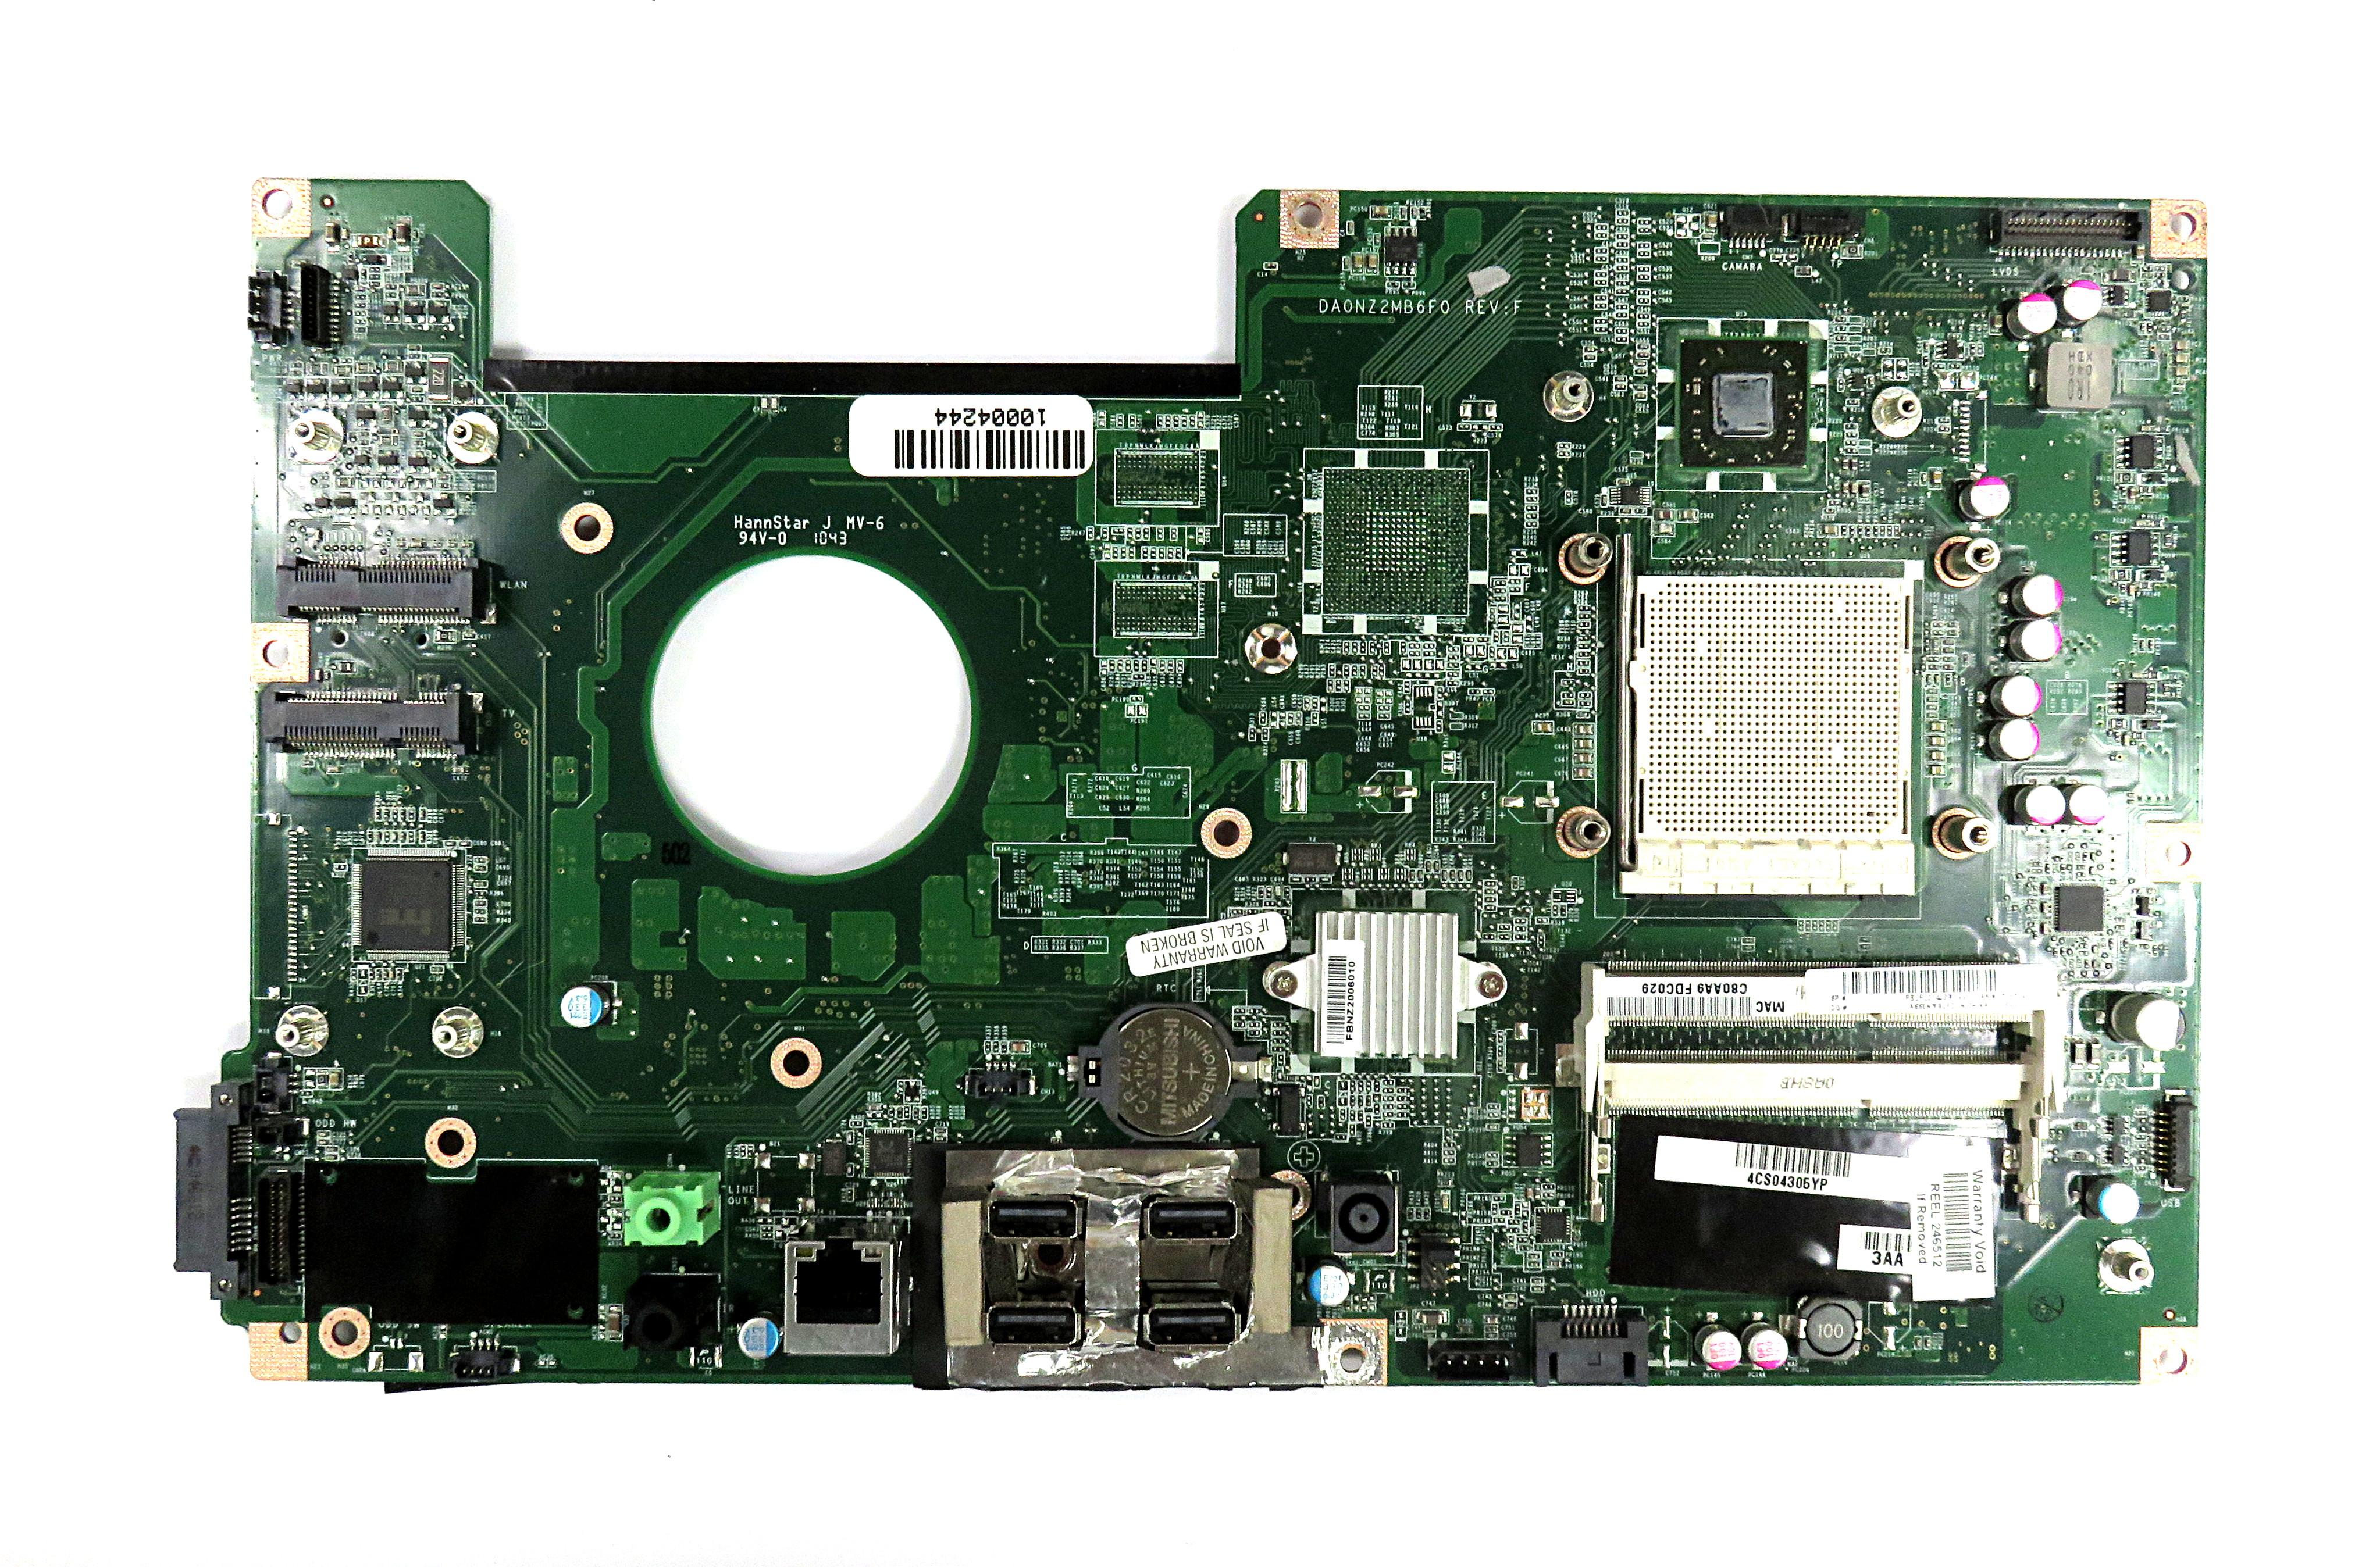 HP 618639-002 AMD Socket AM3 Motherboard f/ Touchsmart 310 DA0NZ2MB6F0 Rev F